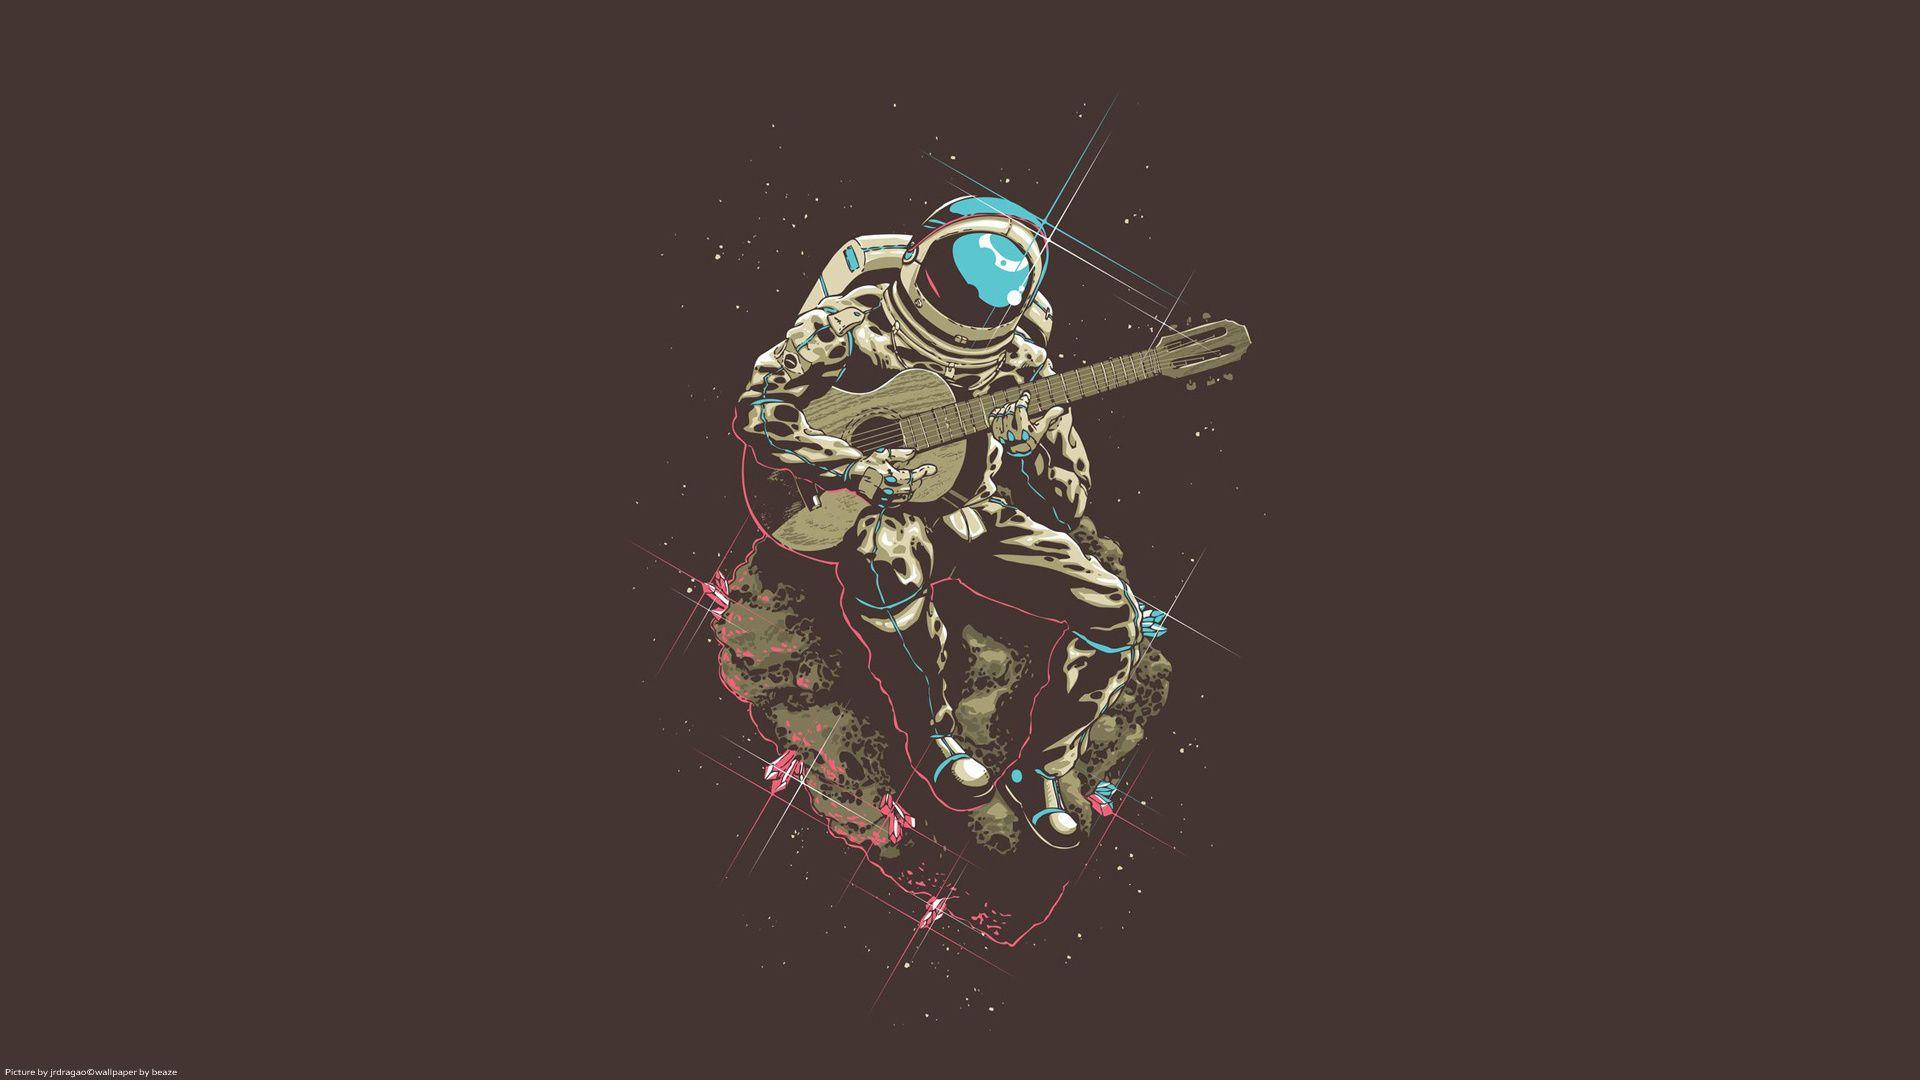 Astronaut Playing Guitar Art Illustration Art Pop Art